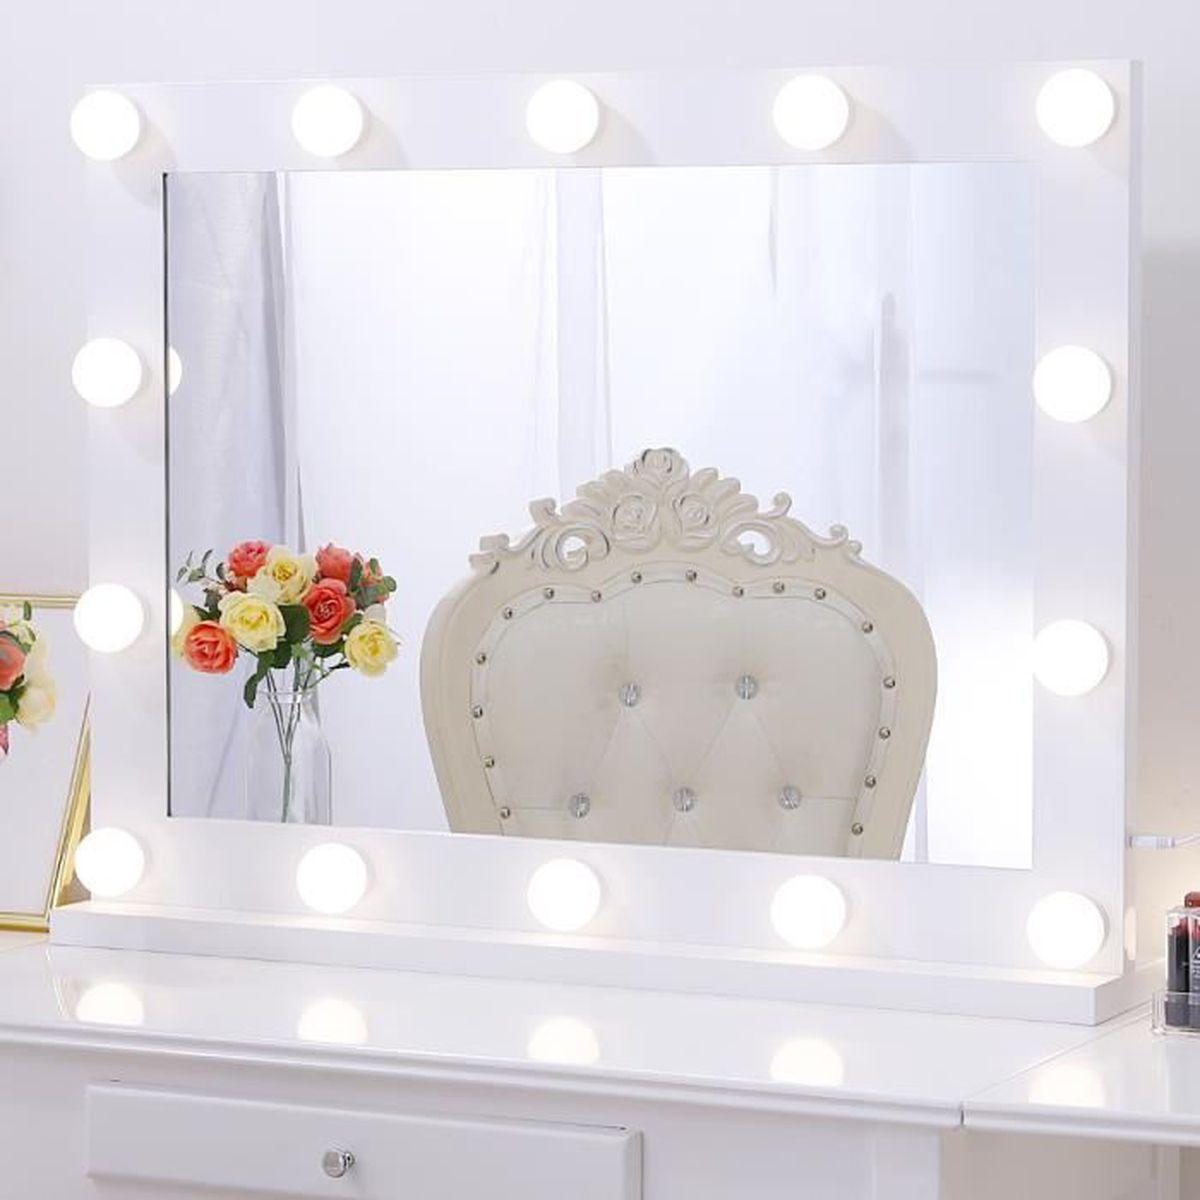 80cmx60cm sans Cadre Miroir Ampoule Th/é/âtre de Professionnel Chende Miroir Hollywood Coiffeuse pour Montage Mural Grand Miroir Maquillage Lumineux avec Conversion en 3 Couleurs